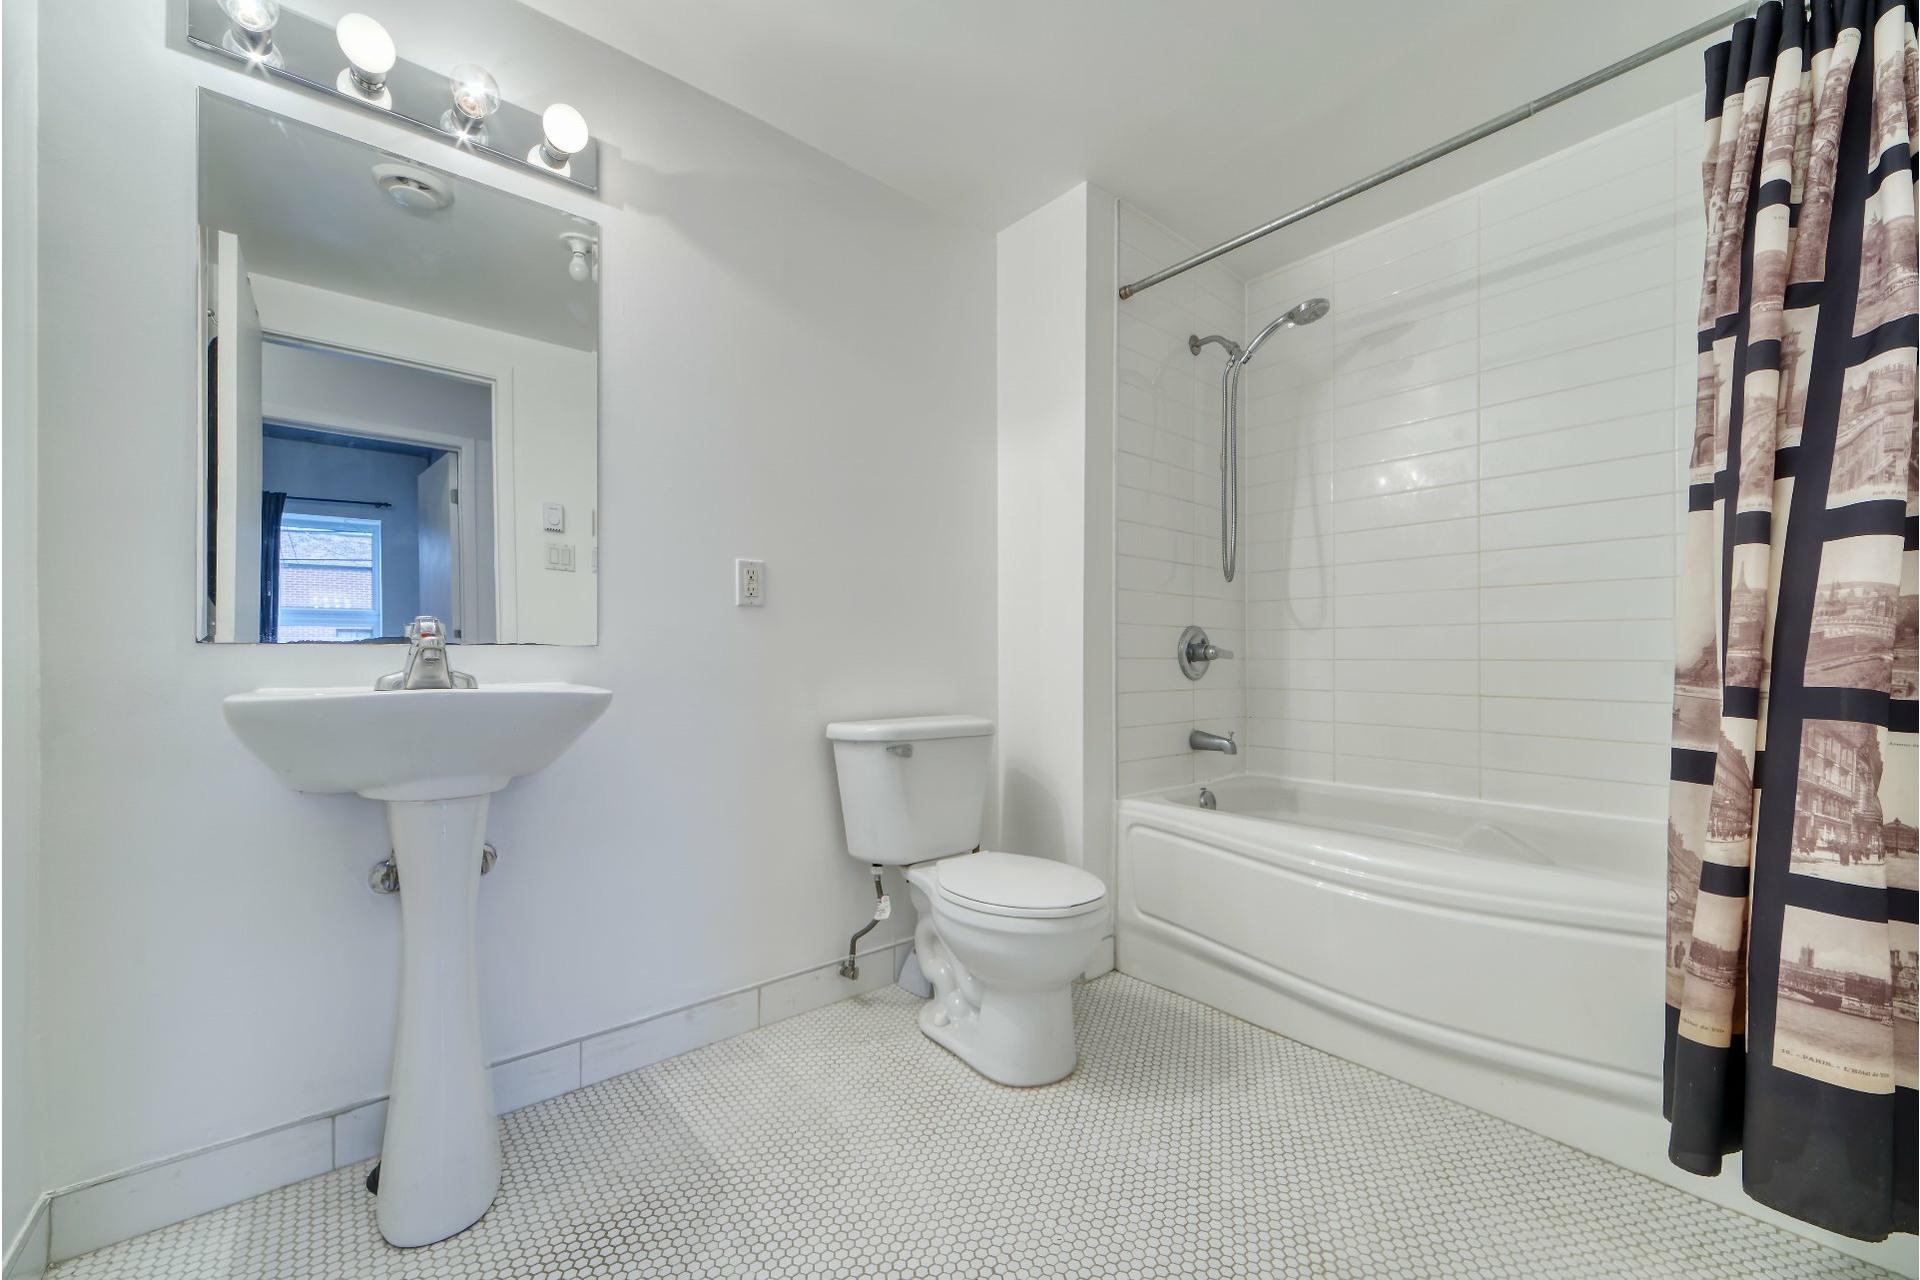 image 9 - Appartement À vendre Verdun/Île-des-Soeurs Montréal  - 3 pièces